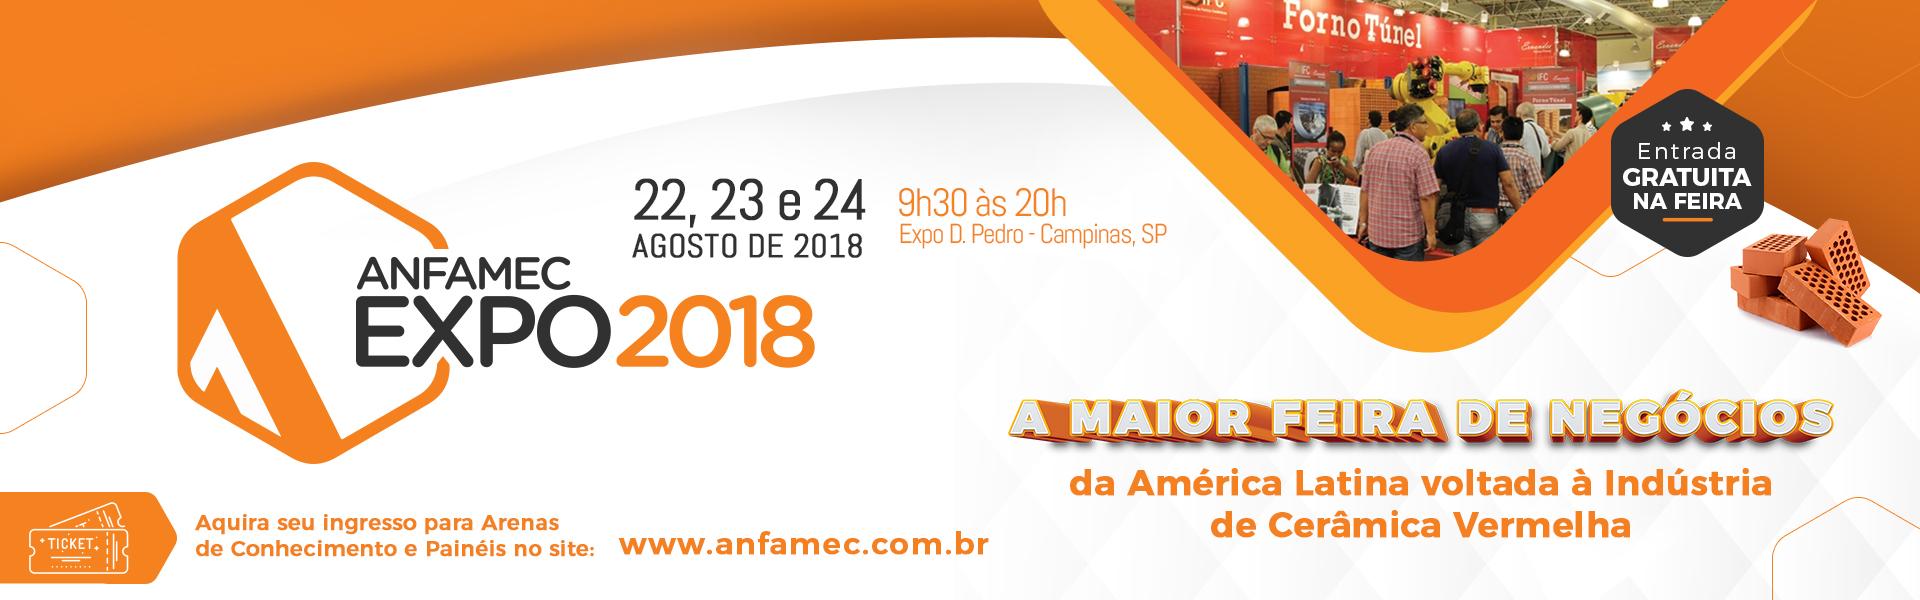 Anfamec Expo 2018 (1)